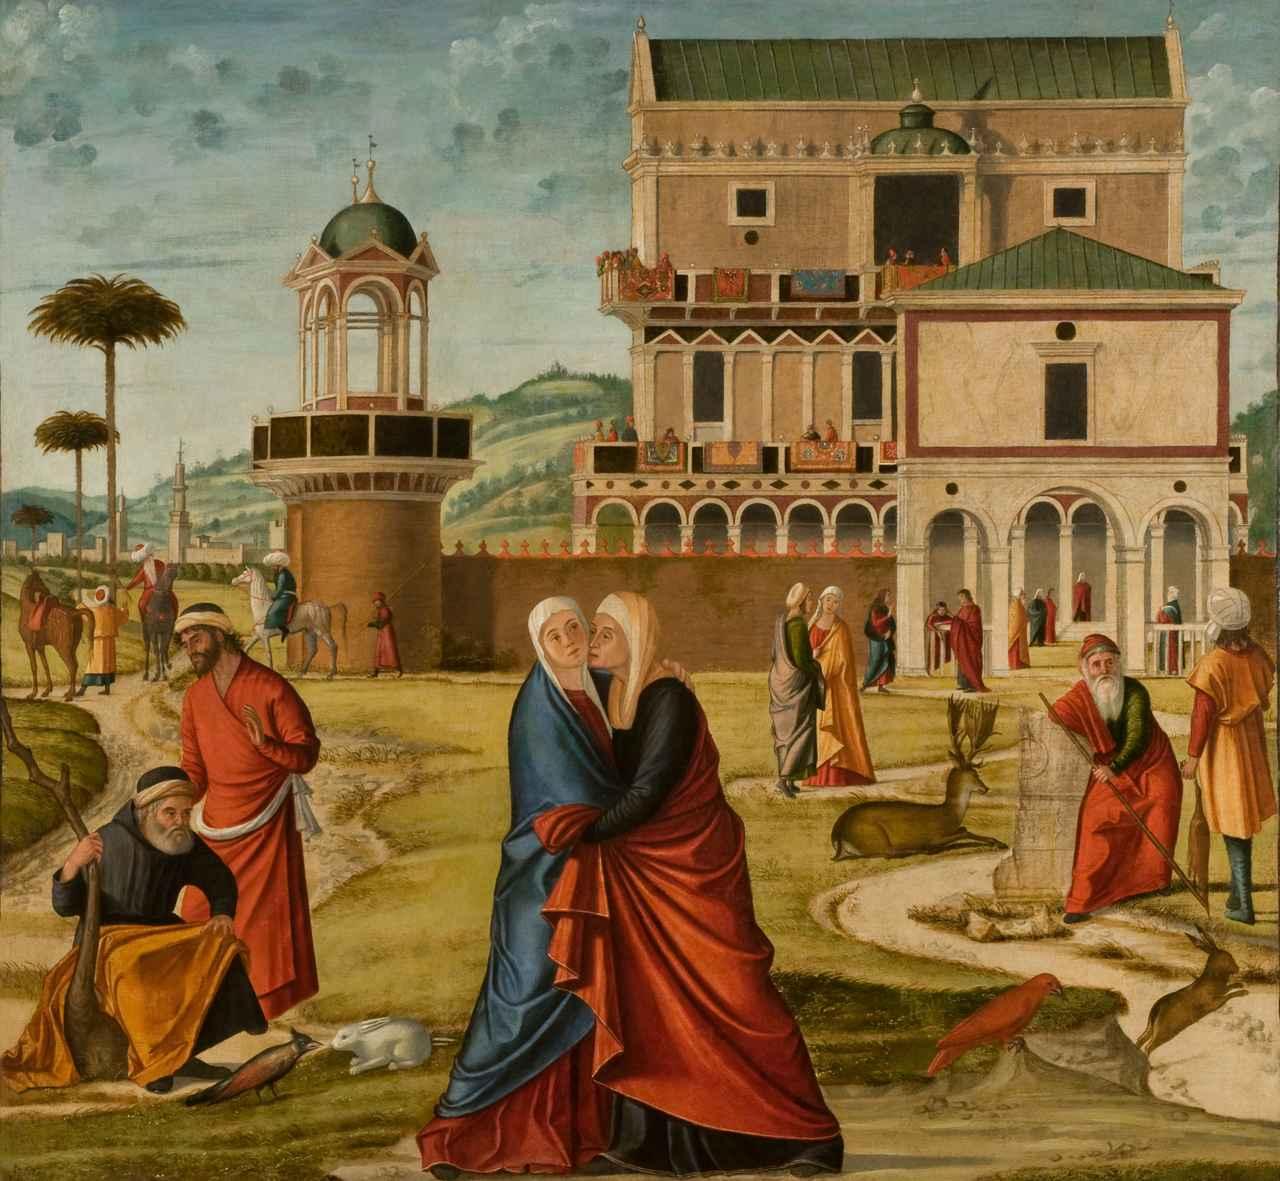 画像: ヴィットーレ・カルパッチョ《聖母マリアのエリサベト訪問》油彩/カンヴァスヴェネツィア、ジョルジョ・フランケッティ美術館(カ・ドーロ)